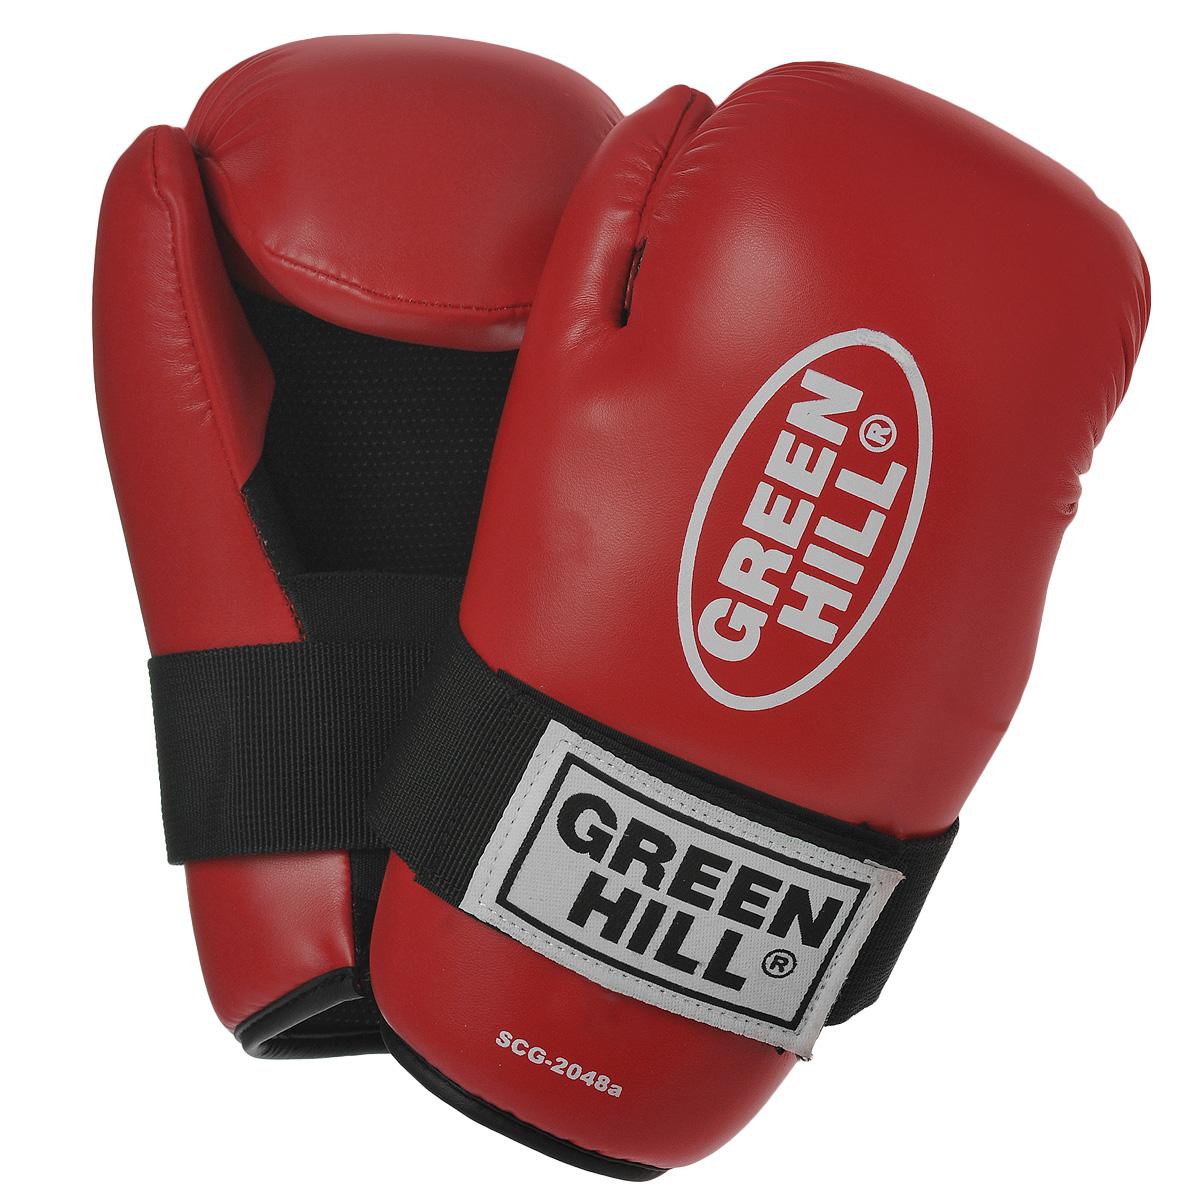 Перчатки для контактных единоборств Green Hill 7-contact, цвет: красный. Размер SadiBT021Накладки Green Hill 7-contact для контактных видов единоборств семиконтакт. Идеально подходят для обучения, спаррингов и соревнований. Перчатки выполнены из высококачественной. Широкий ремень, охватывая запястье, полностью оборачивается вокруг манжеты, благодаря чему создается дополнительная защита лучезапястного сустава от травмирования. Застежка на липучке способствует быстрому и удобному одеванию перчаток, плотно фиксирует перчатки на руке.